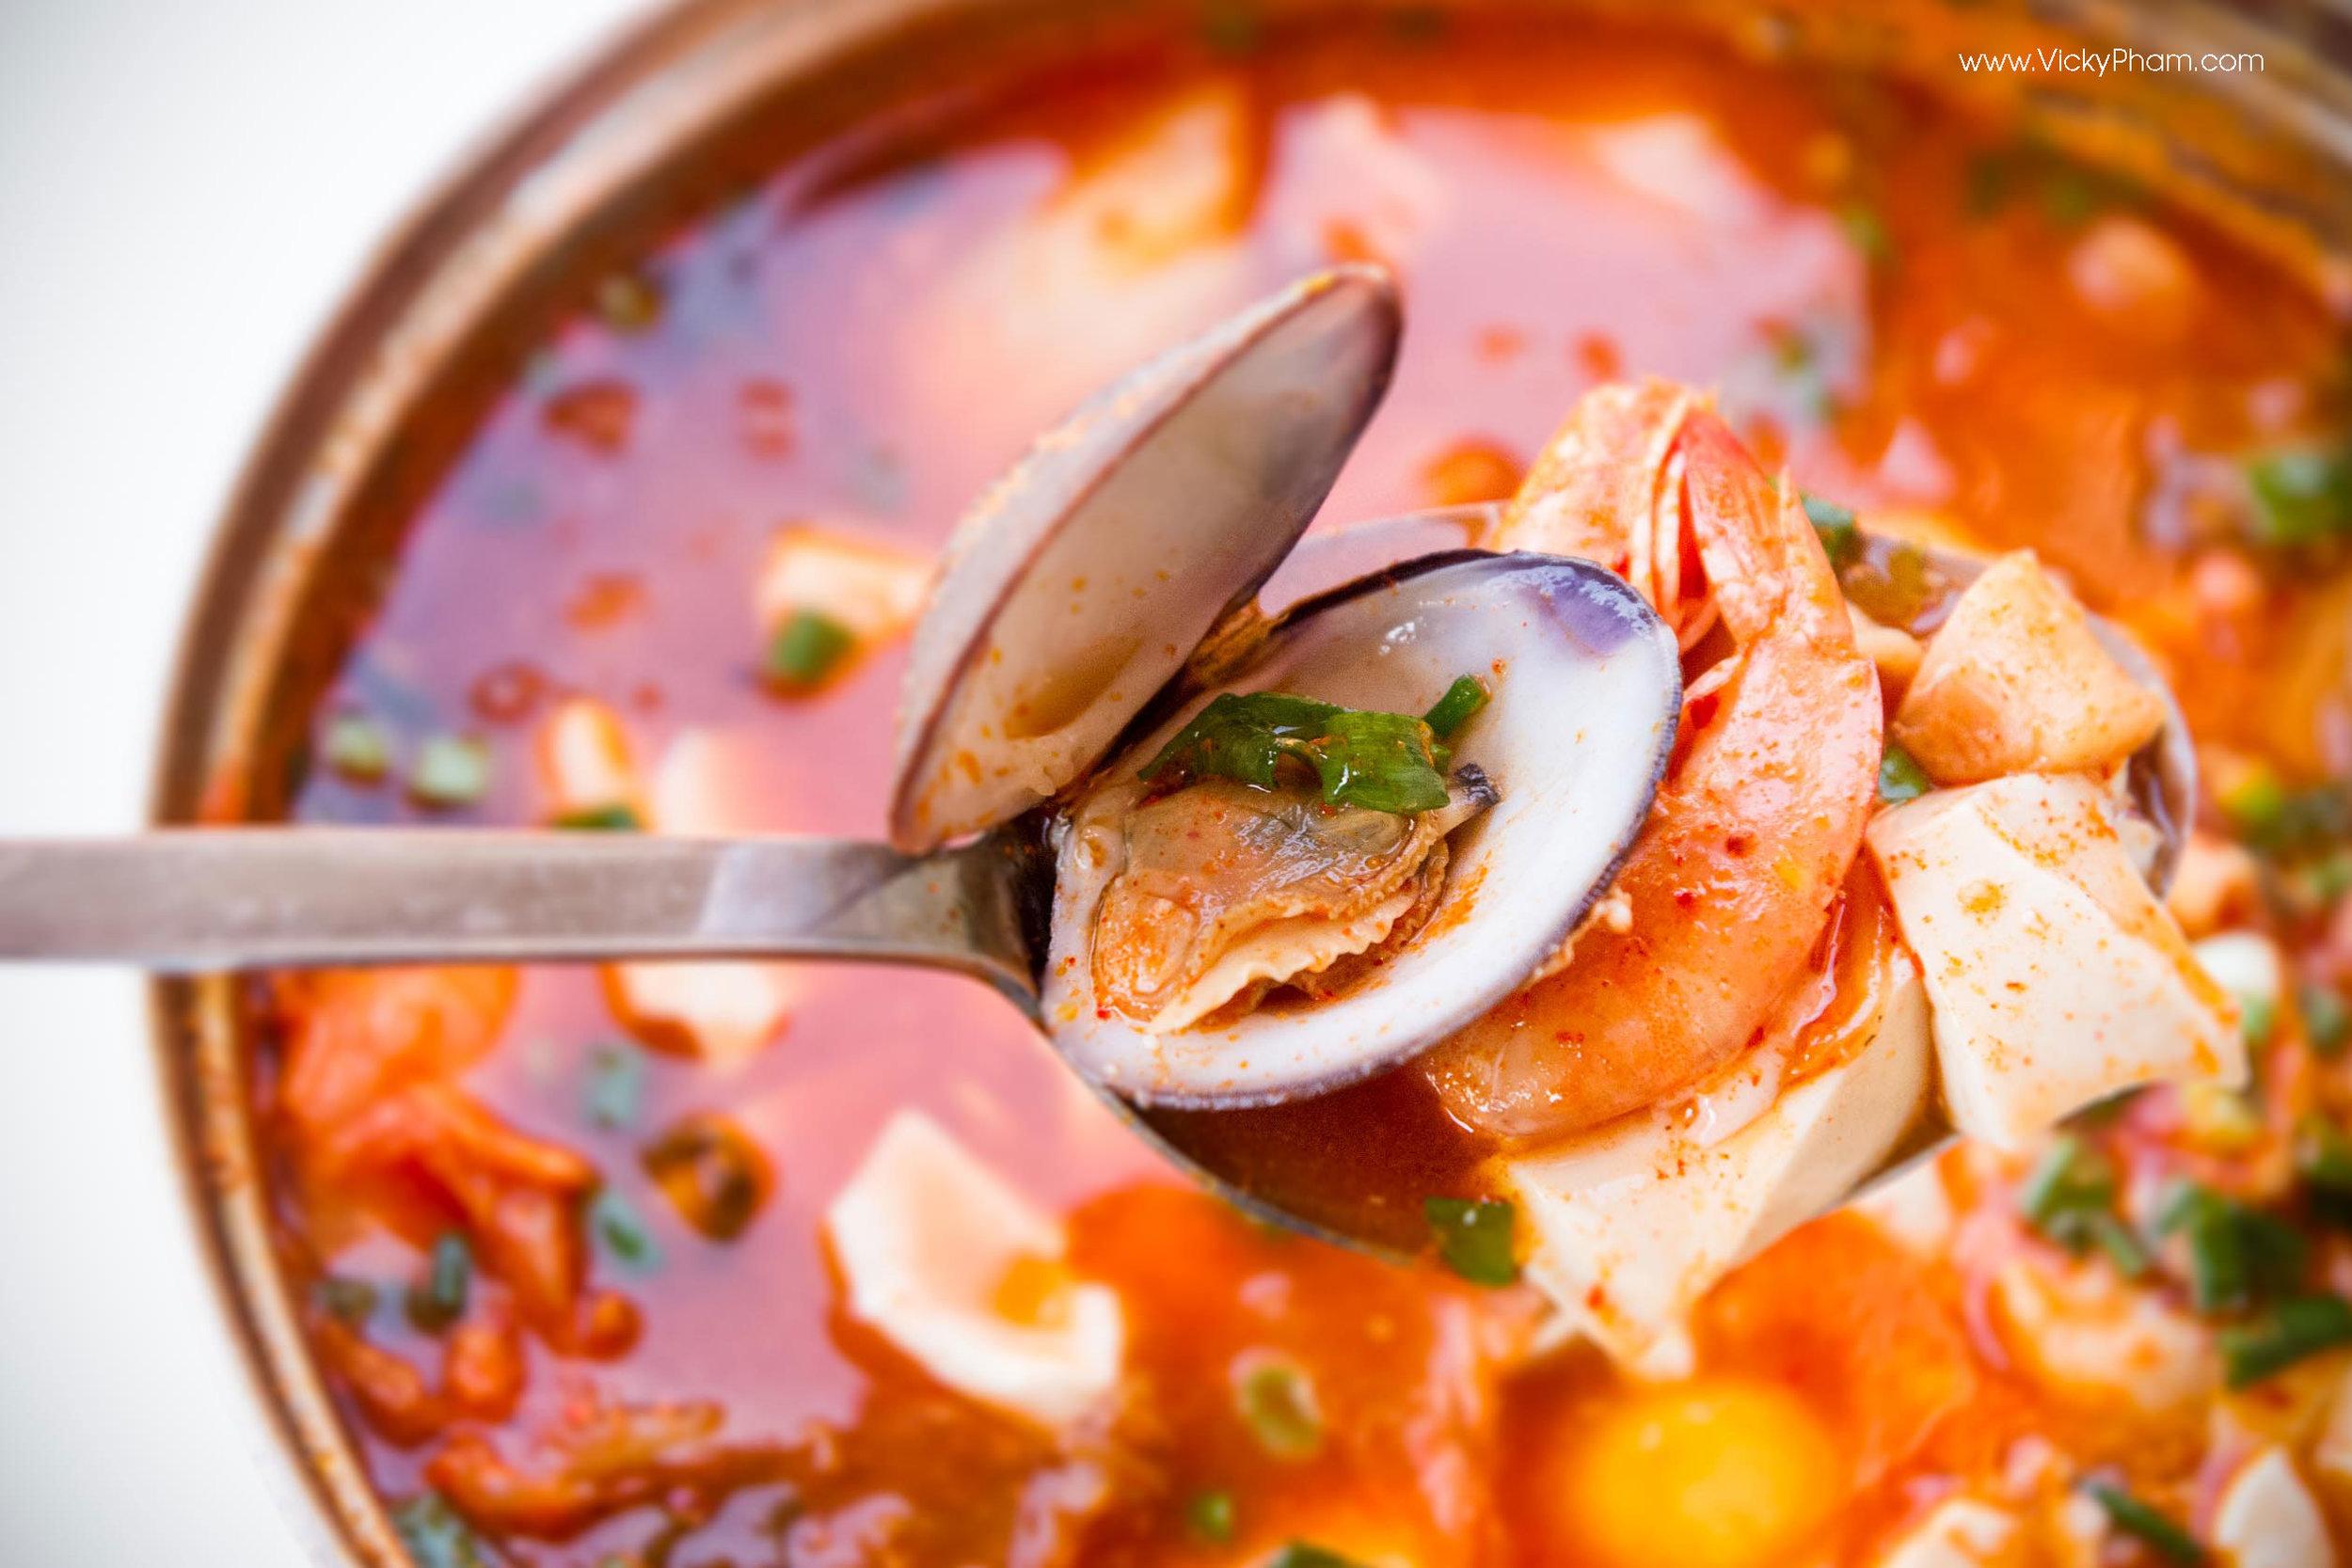 Korean Seafood Soft Tofu Stew (Haemul Sundubu Jjigae)